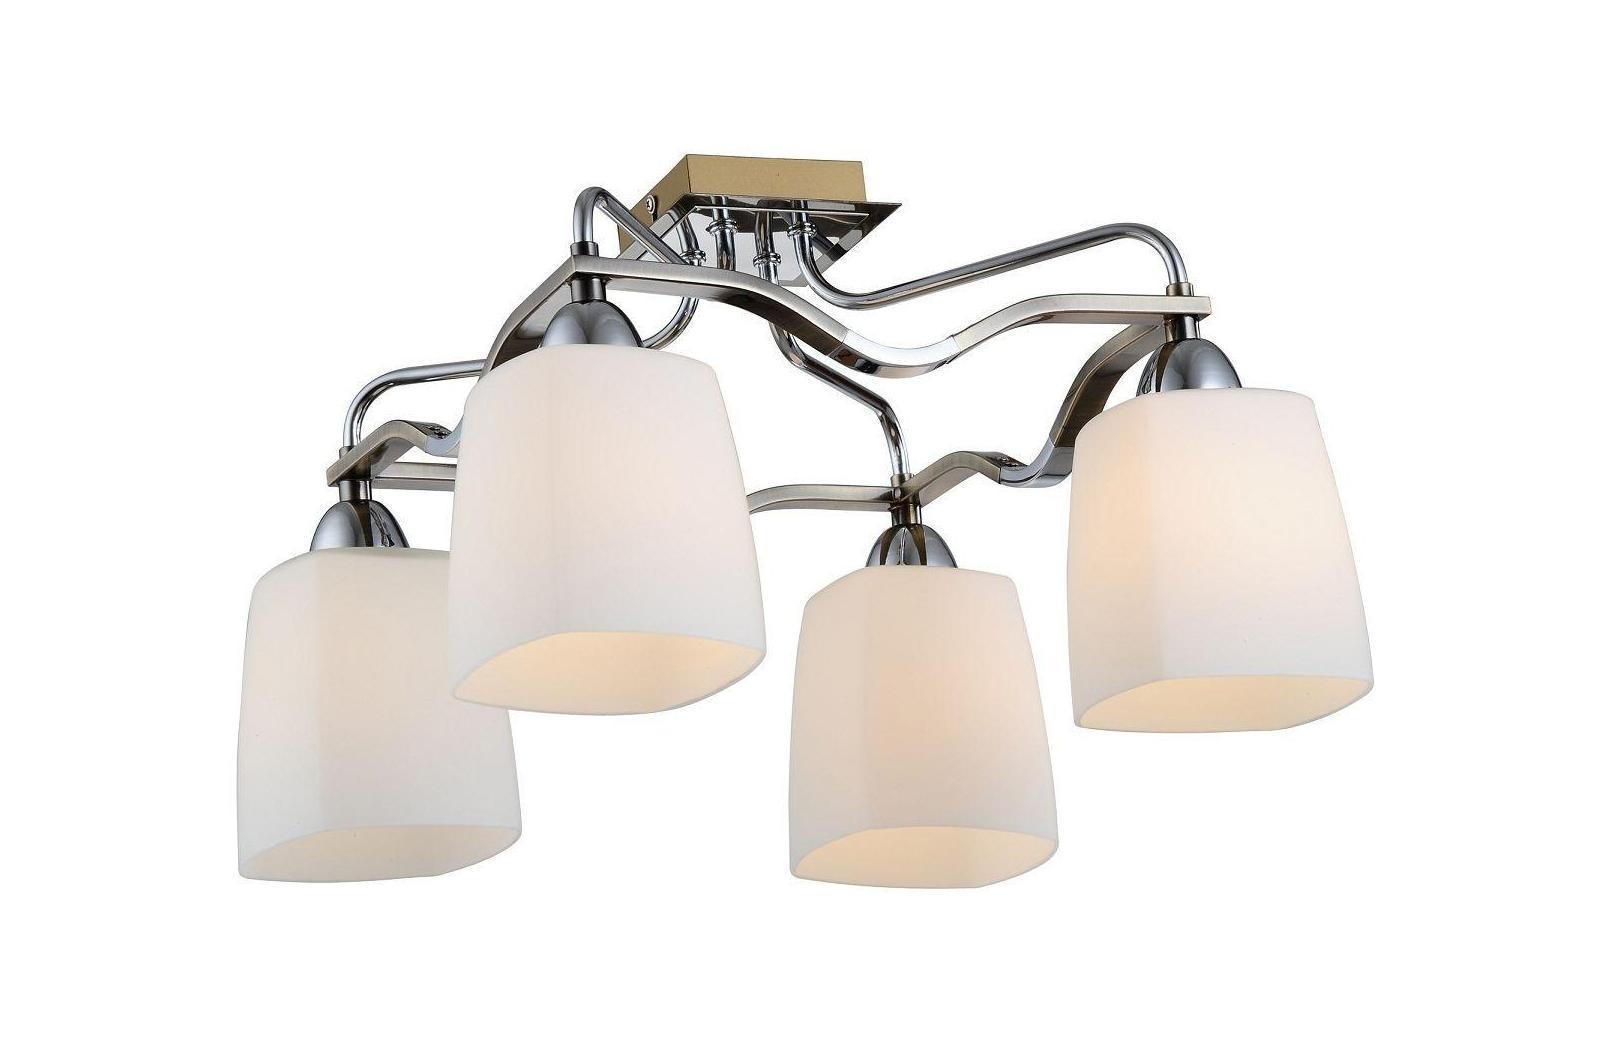 Люстра CitiluxЛюстры<br>Назначение светильника: для гостиной,<br>Стиль светильника: классика,<br>Тип: потолочная,<br>Материал светильника: металл, стекло,<br>Материал плафона: стекло,<br>Материал арматуры: металл,<br>Длина (мм): 400,<br>Ширина: 400,<br>Высота: 260,<br>Количество ламп: 4,<br>Тип лампы: накаливания,<br>Мощность: 60,<br>Патрон: Е14,<br>Цвет арматуры: белый<br>